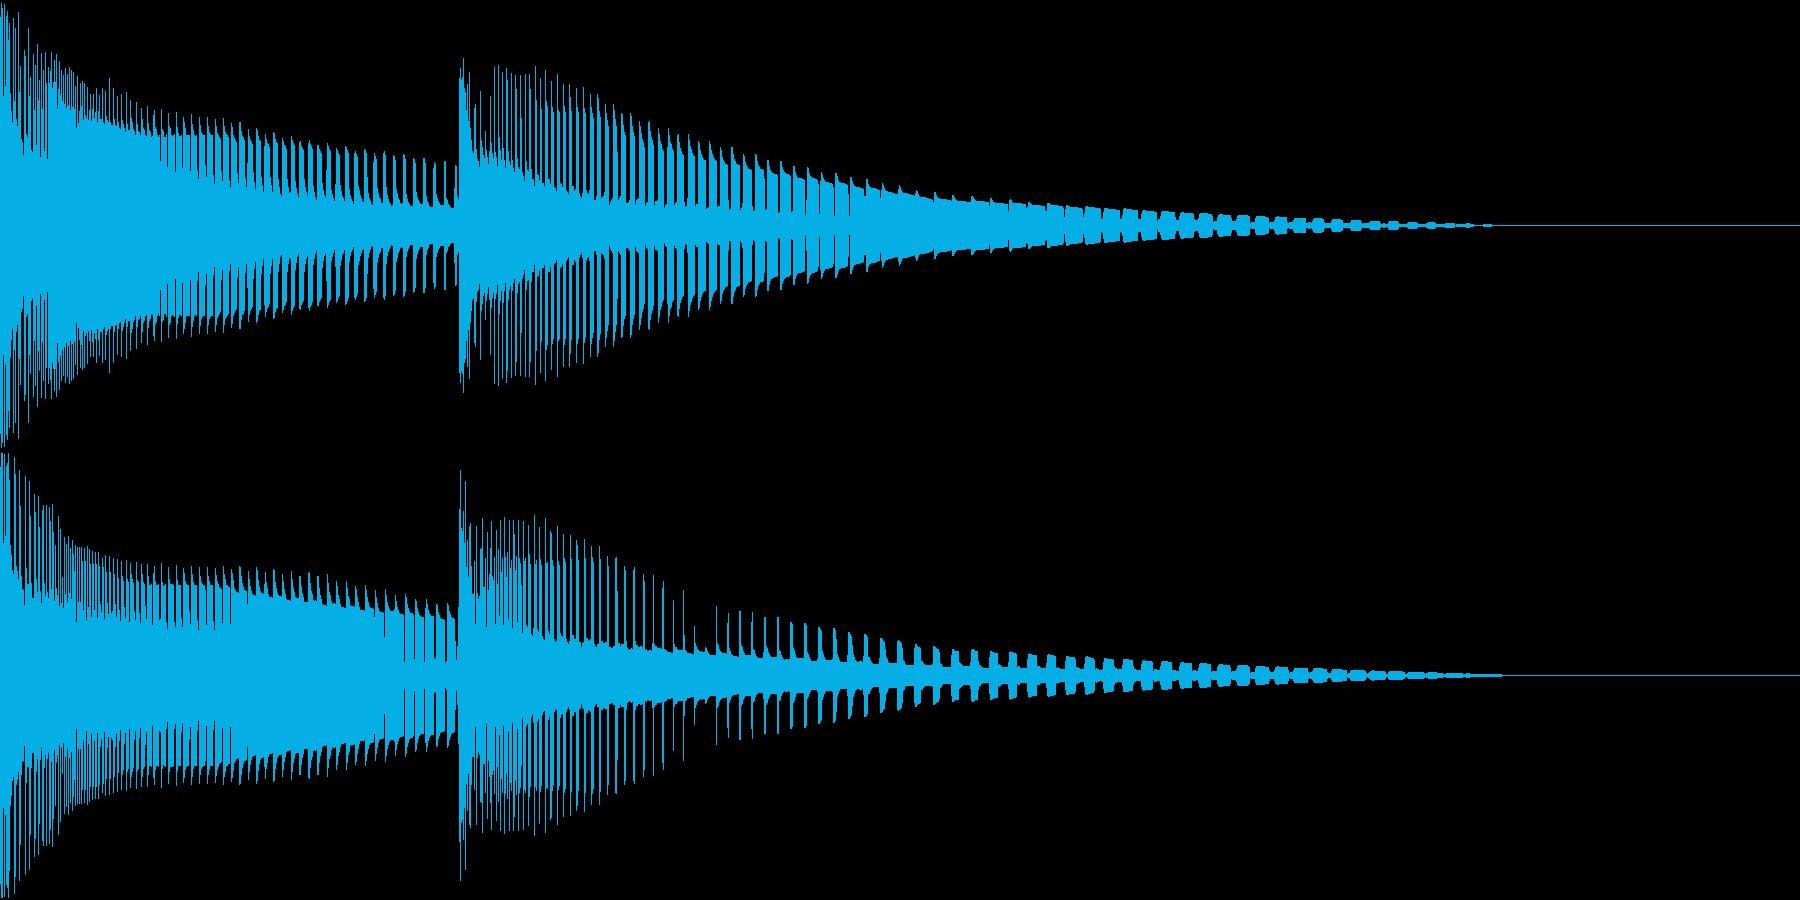 Henteko 可愛いクラッシュ音 4の再生済みの波形